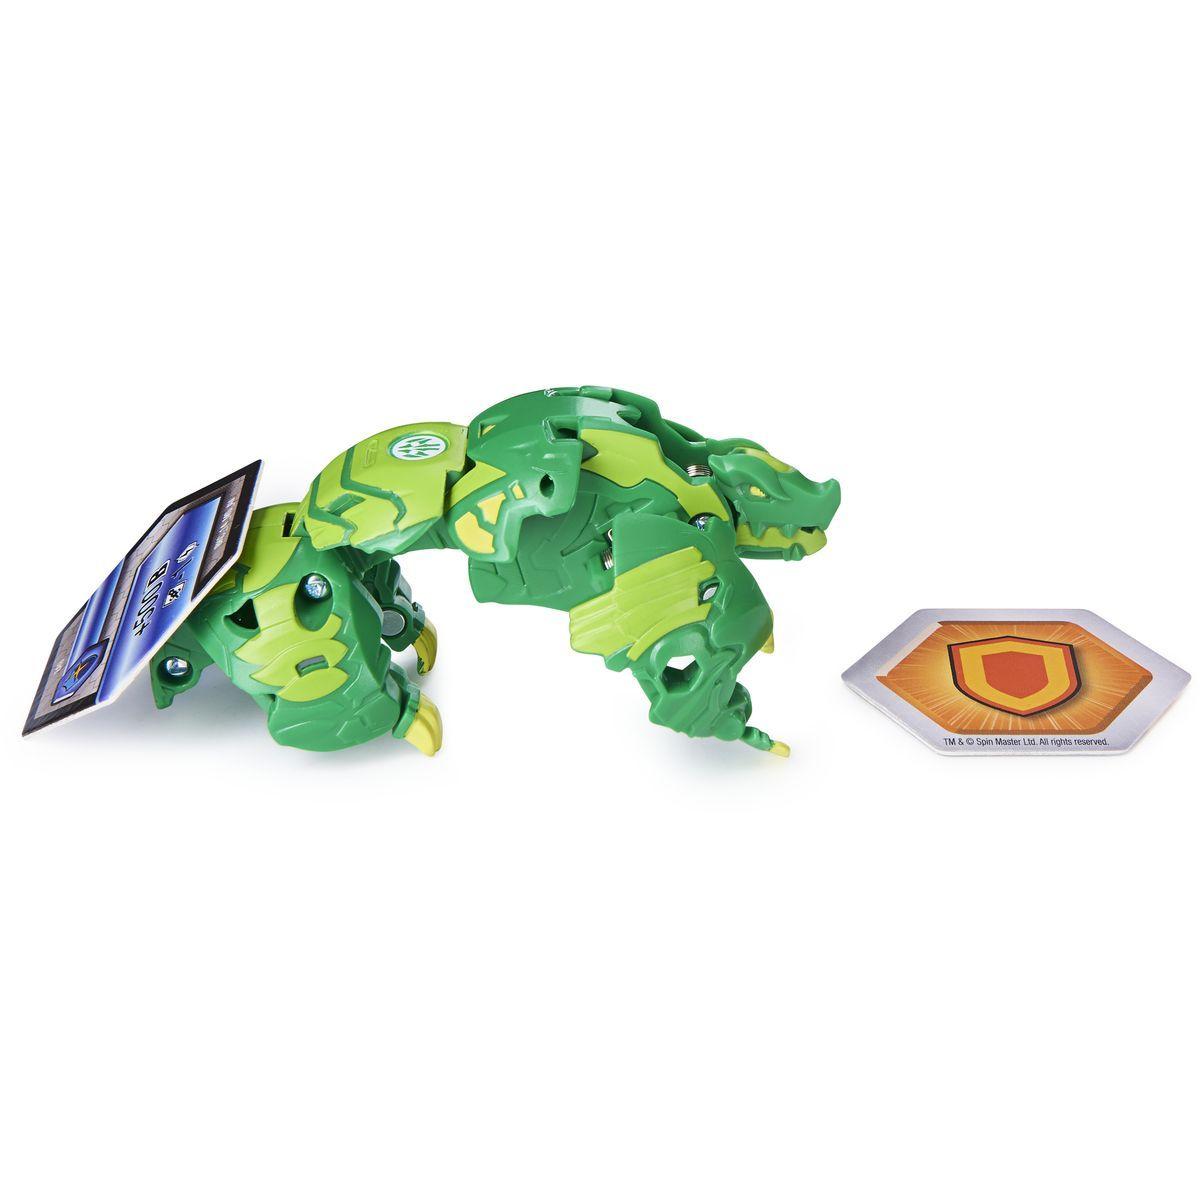 Bakugan bojovník s prídavnou výstrojou s2 Gillator zelený